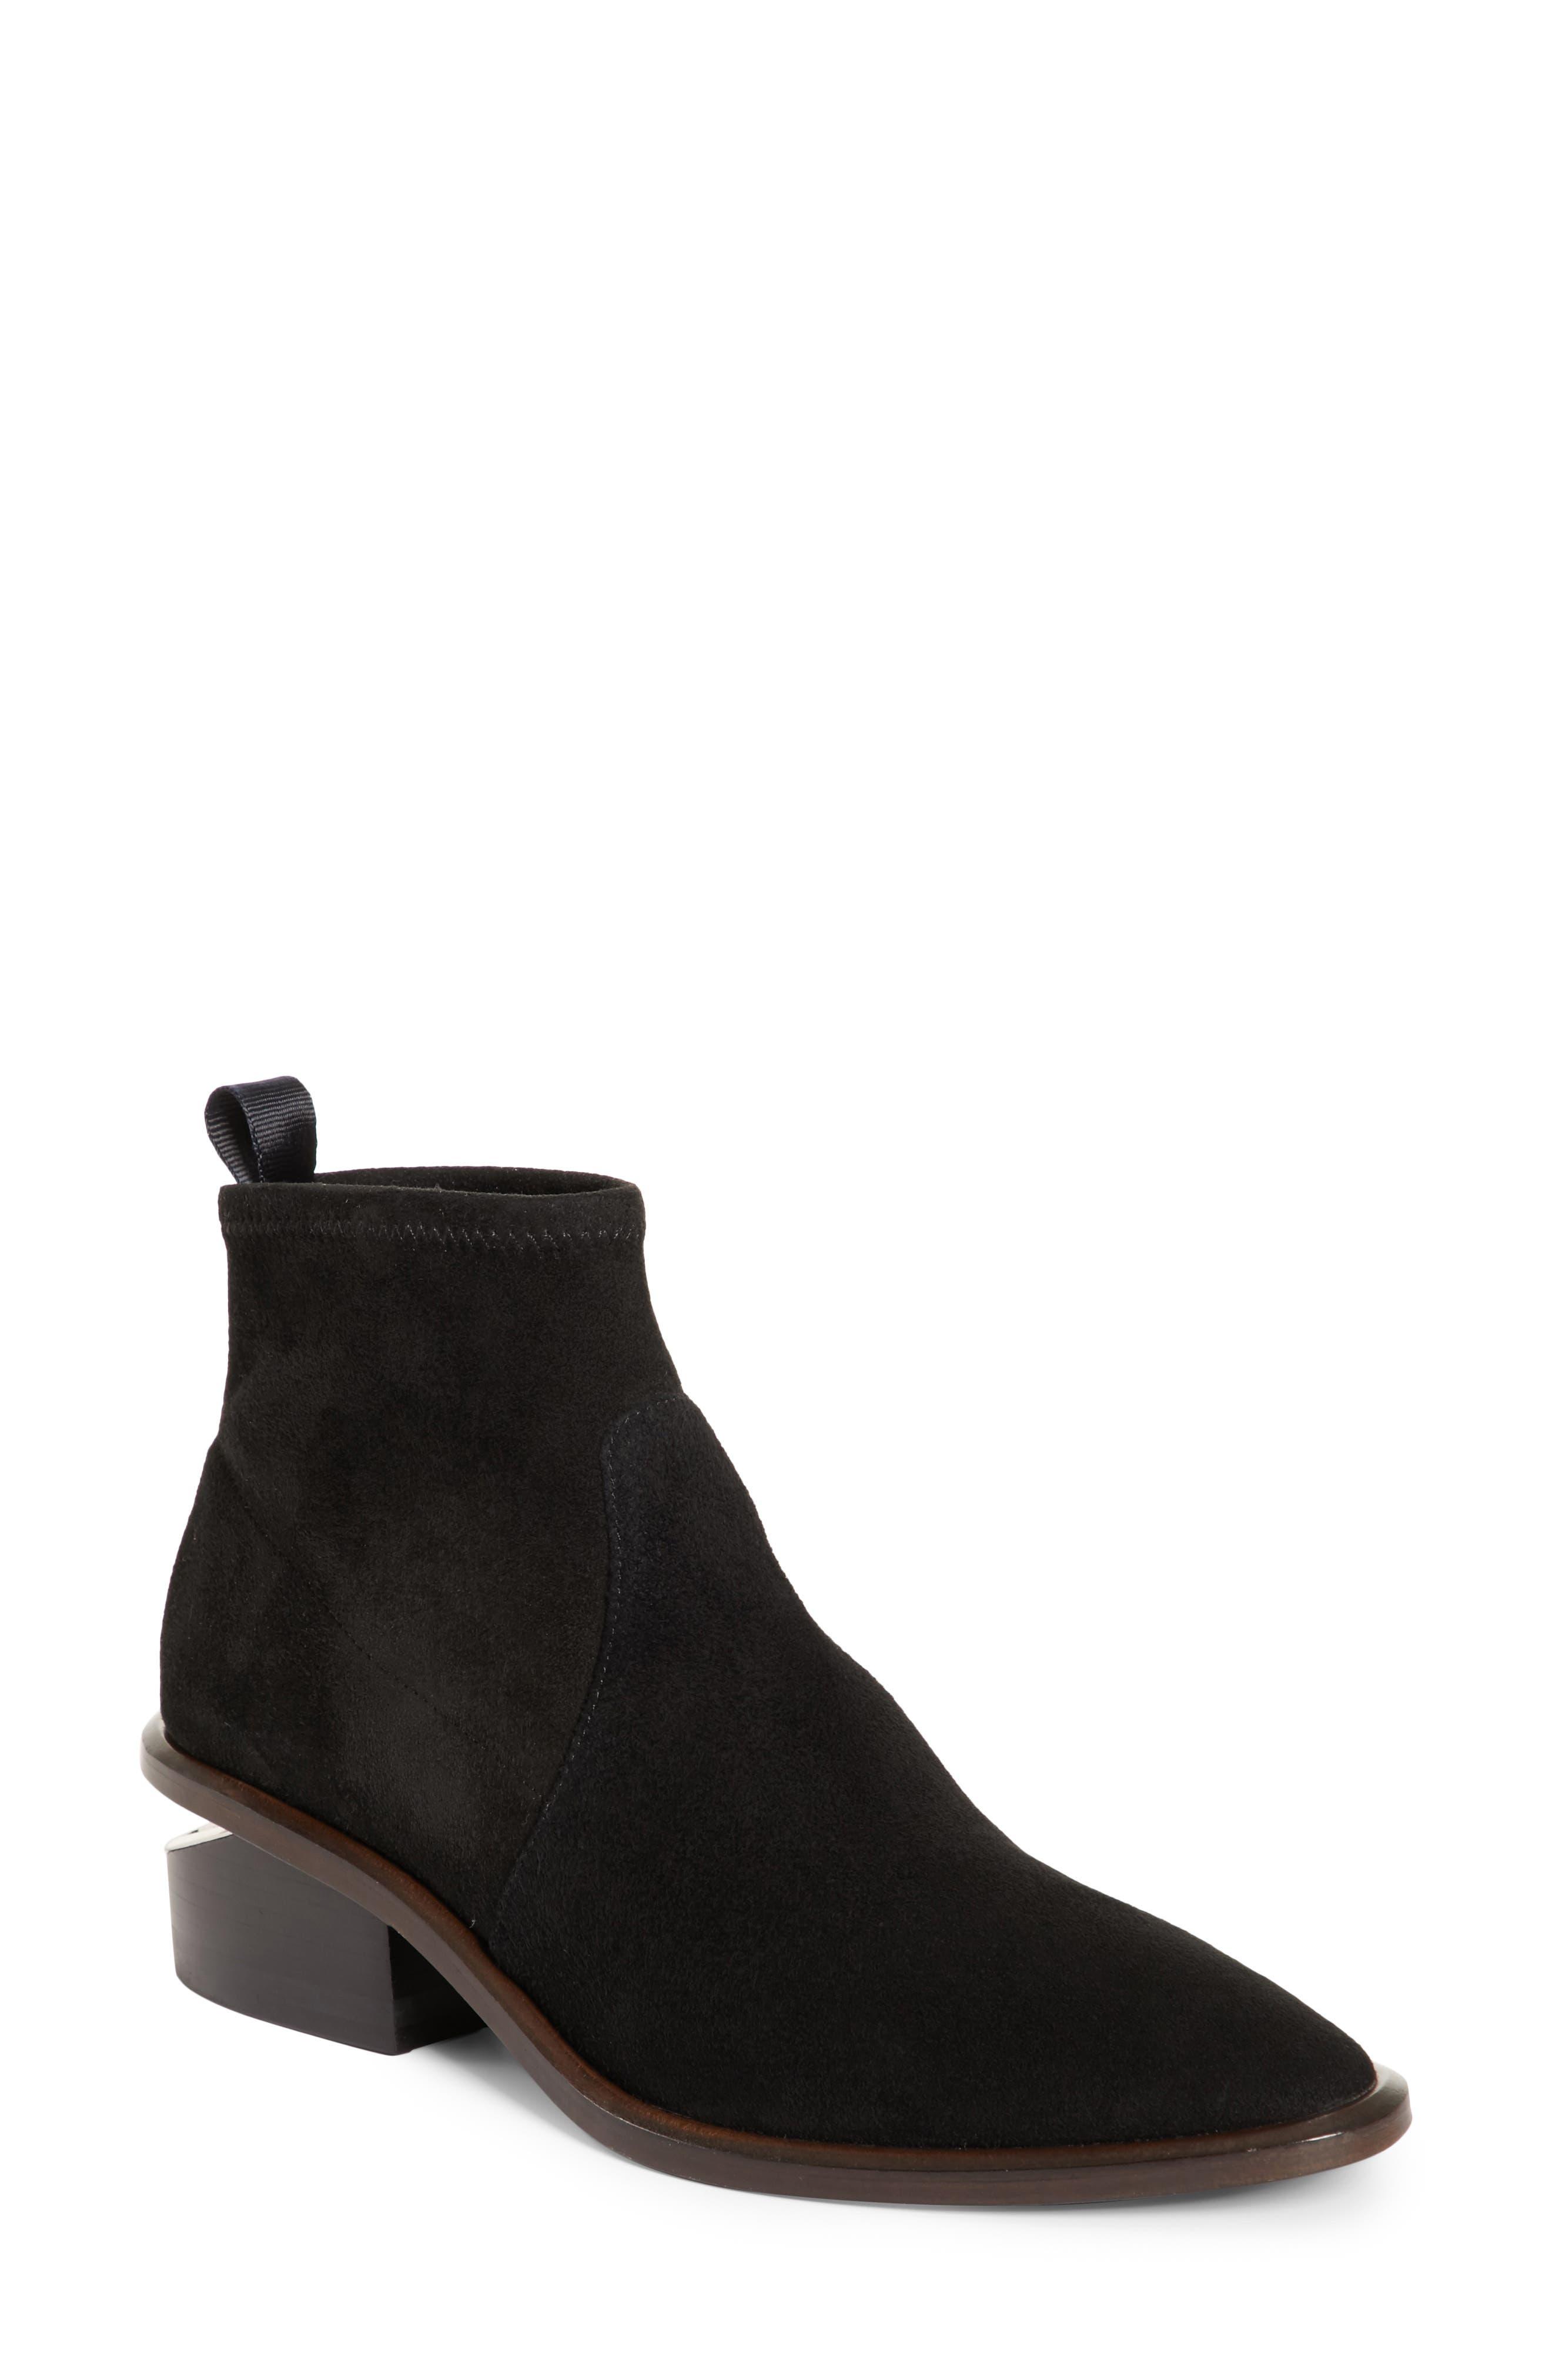 Kori Block Heel Bootie,                         Main,                         color, BLACK